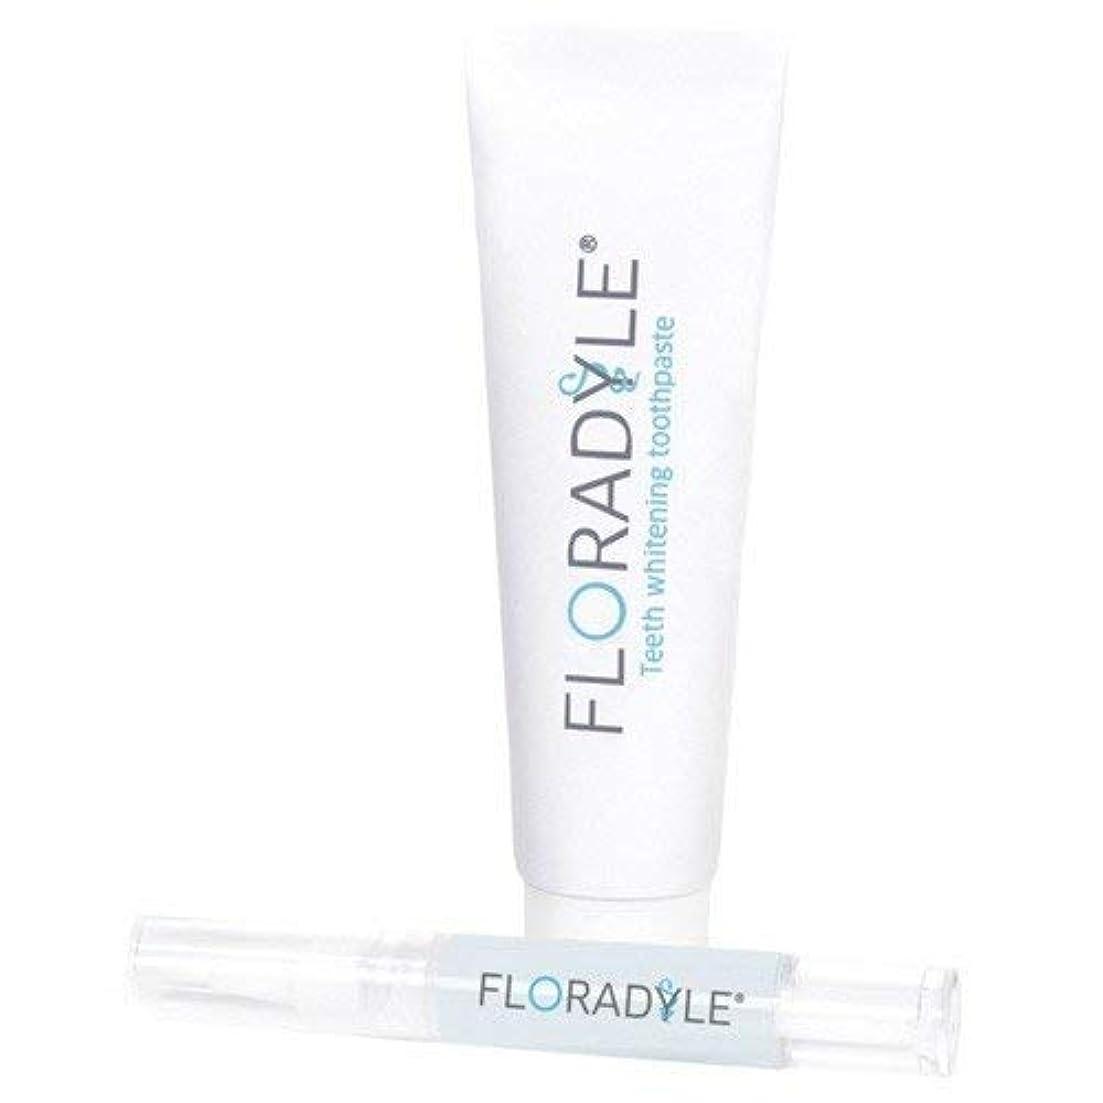 脚本家チーター航海のFloradyle(フロラダイル) ホワイトニングジェル&ホワイトニング歯磨き粉 セット